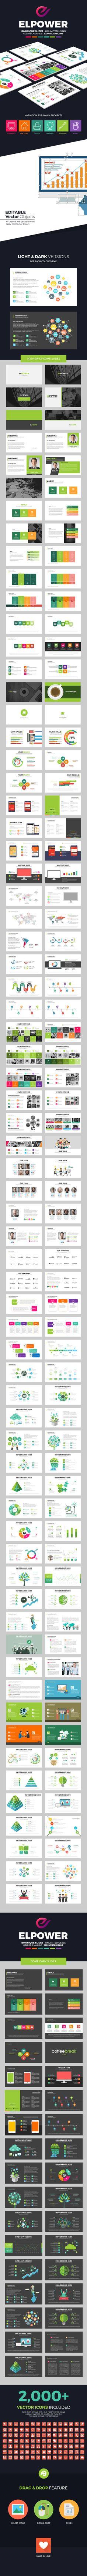 ELPOWER Powerpoint Presentation Template. Download here: http://graphicriver.net/item/elpower-powerpoint-presentation/16818964?ref=ksioks